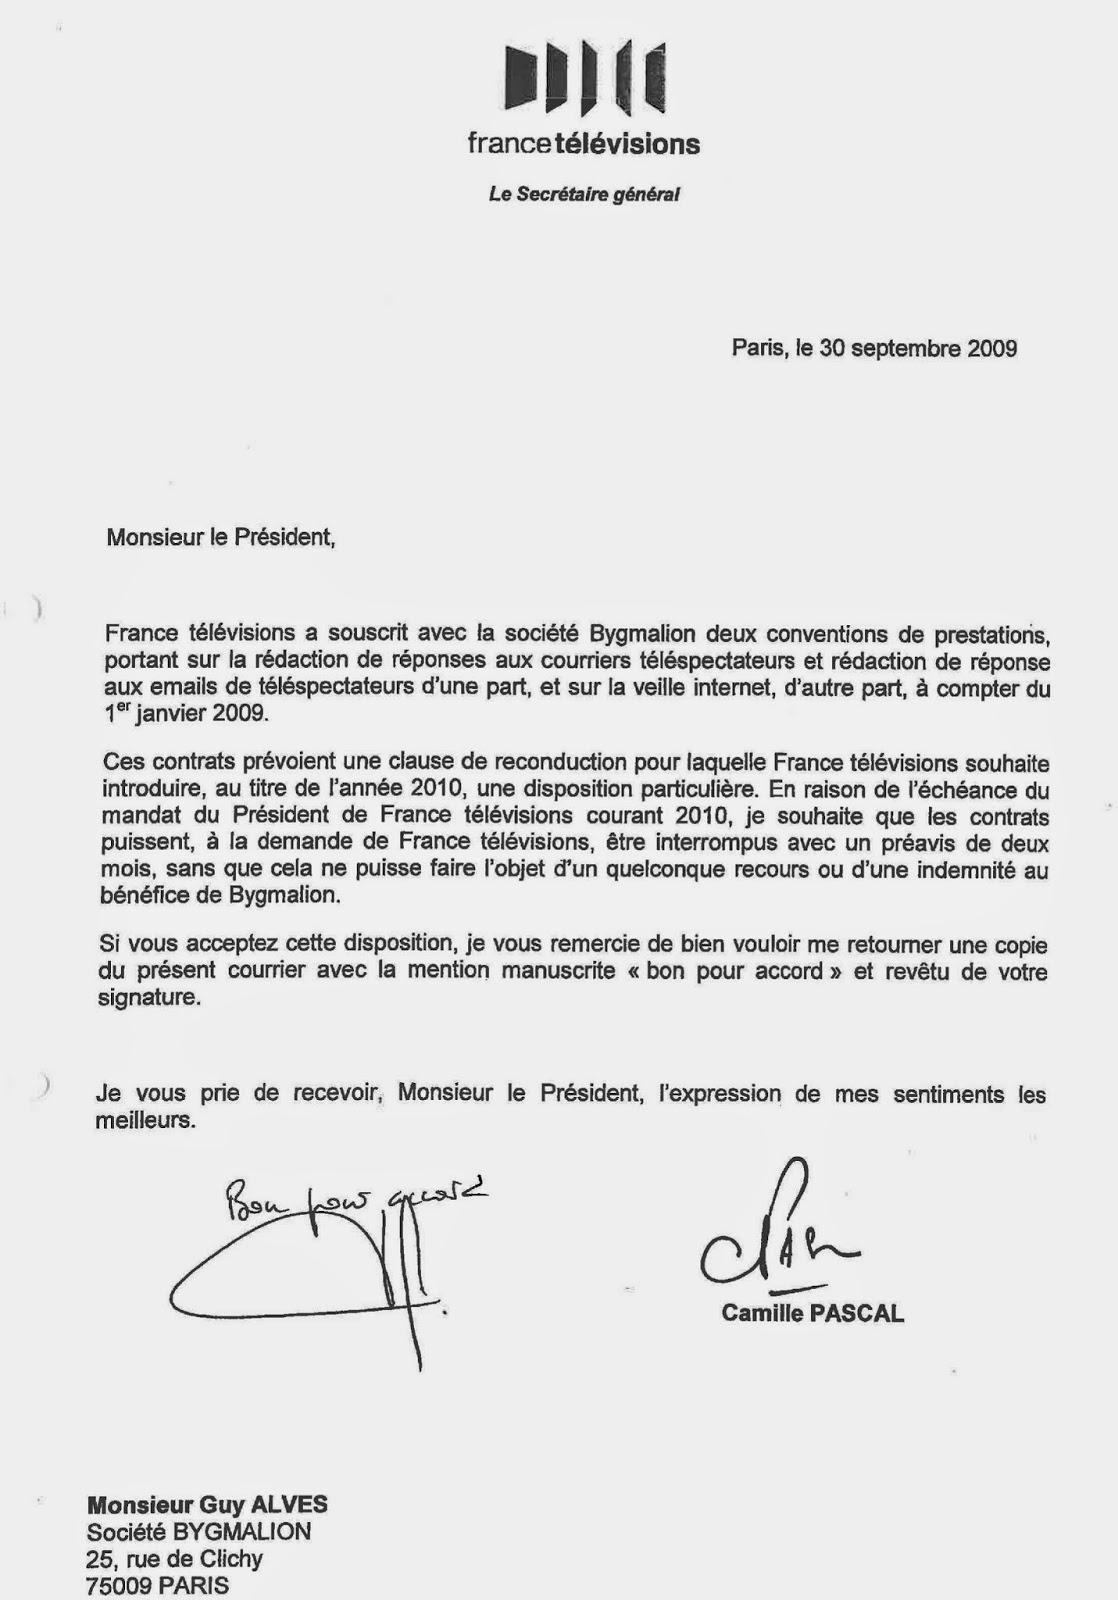 Le Blog Cgc Des Media Ajdari L Actuel Directeur De Cabinet D